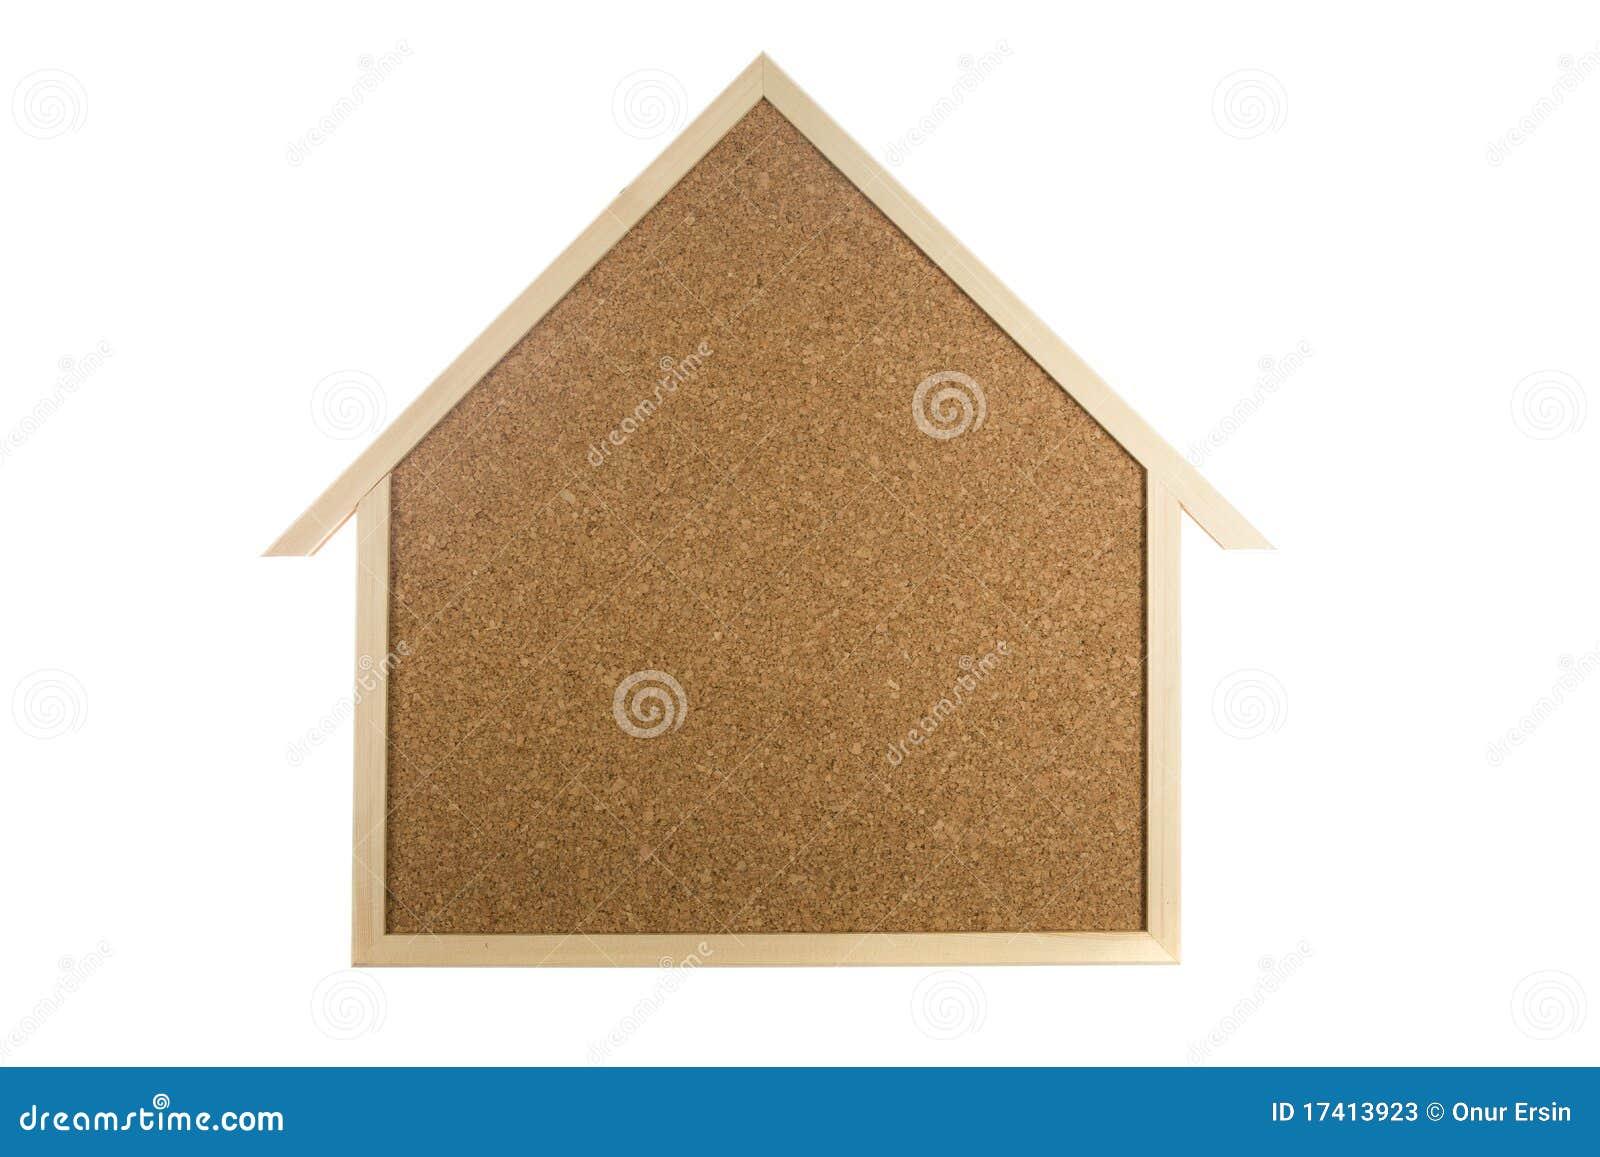 Home interior cork bulletin board stock photos image for Home bulletin